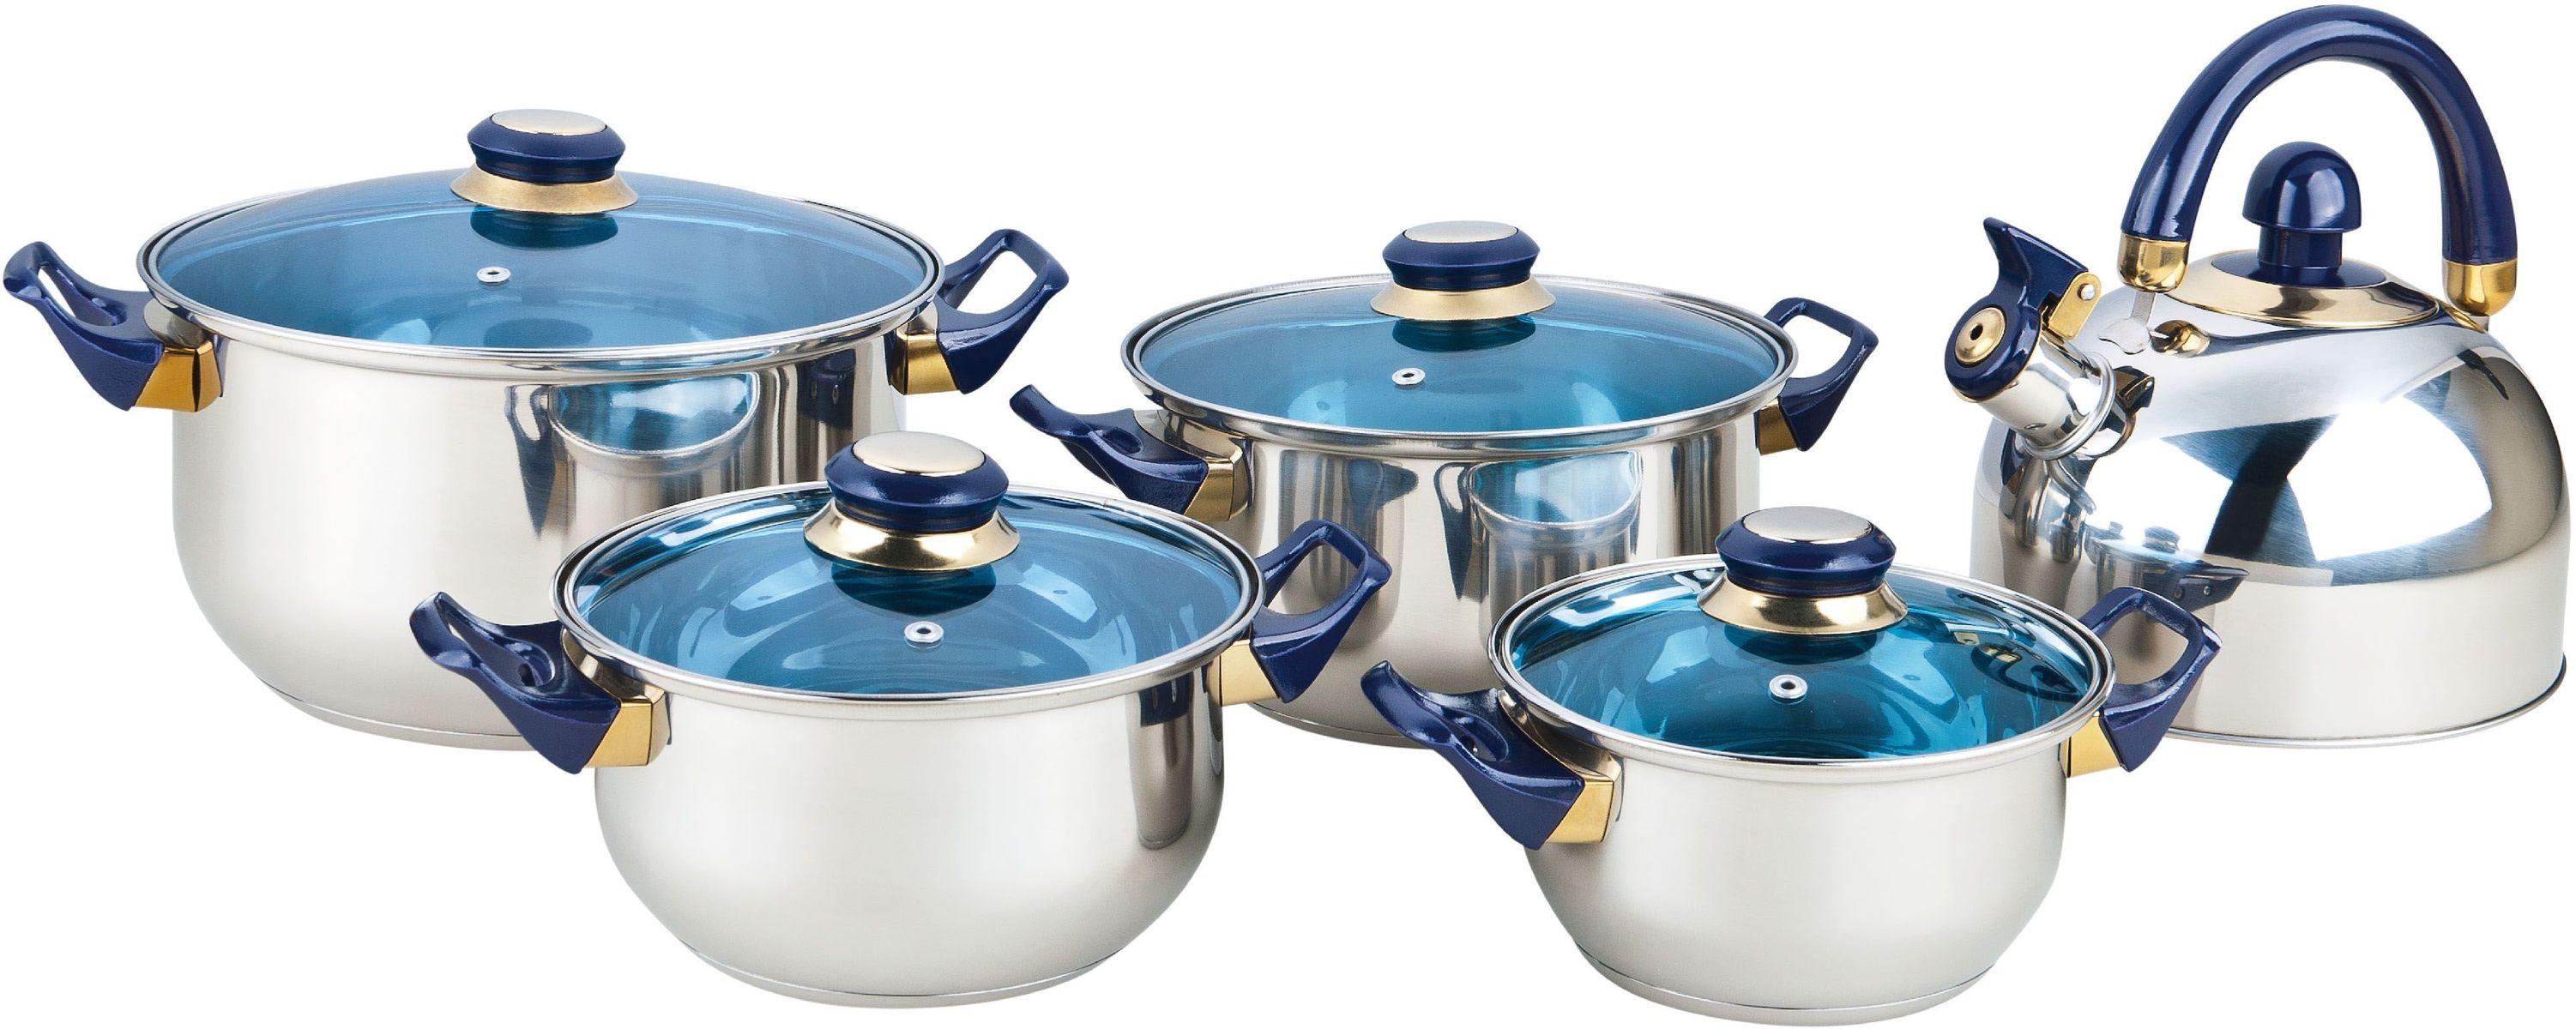 Набор посуды Bekker Classic, 9 предметов. BK-4605BK-4605Набор Bekker Classic состоит из 4 кастрюль с крышками и чайника со свистком. Изделия изготовлены из высококачественной нержавеющей стали. Посуда имеет капсулированное термическое дно - совершенно новая разработка, позволяющая приготавливать здоровую пищу. Благодаря уникальной конструкции дна, тепло, проходя через металл, равномерно распределяется по стенкам посуды. Для приготовления пищи в такой посуде требуется минимальное количество масла, тем самым уменьшается риск потери витаминов и минералов в процессе термообработки продуктов. Крышки выполнены из жаростойкого прозрачного стекла, оснащены бакелитовой ручкой, металлическим ободом и отверстием для выпуска пара. Такие крышки позволяют следить за процессом приготовления пищи без потери тепла. Они плотно прилегают к краю и сохраняют аромат блюд. Подходит для всех плит, кроме индукционных. Можно мыть в посудомоечной машине. Объем кастрюль: 1,6 л, 2,4 л, 2,8 л, 5,6 л.Внутренний диаметр кастрюль: 16 см, 18 см, 20 см, 24 см.Объем чайника: 2 л.